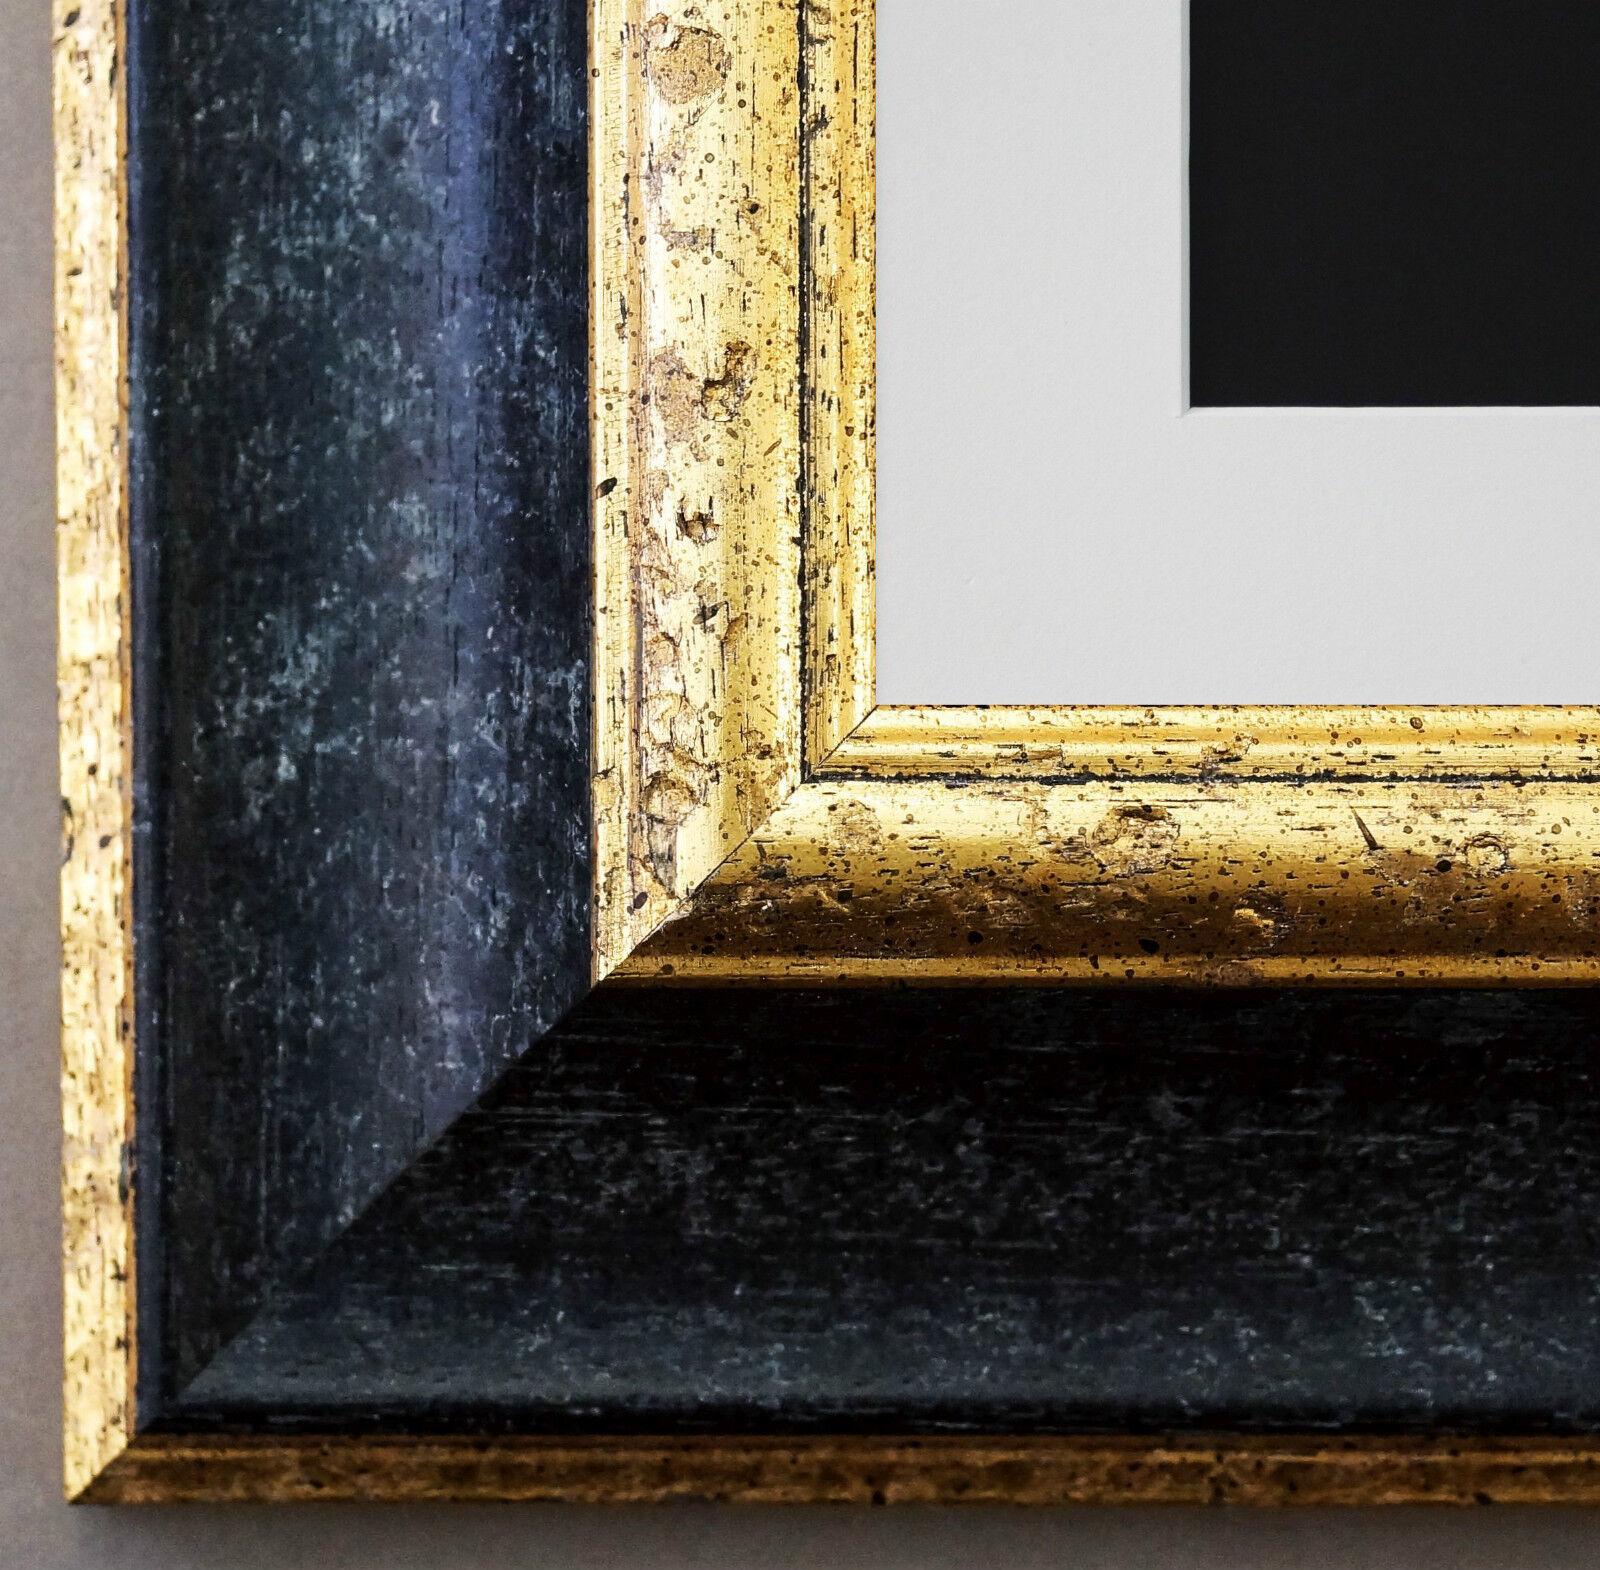 Bilderrahmen Acta in Schwarz - Gold mit Passepartout in Weiss 6,7 Top Qualität